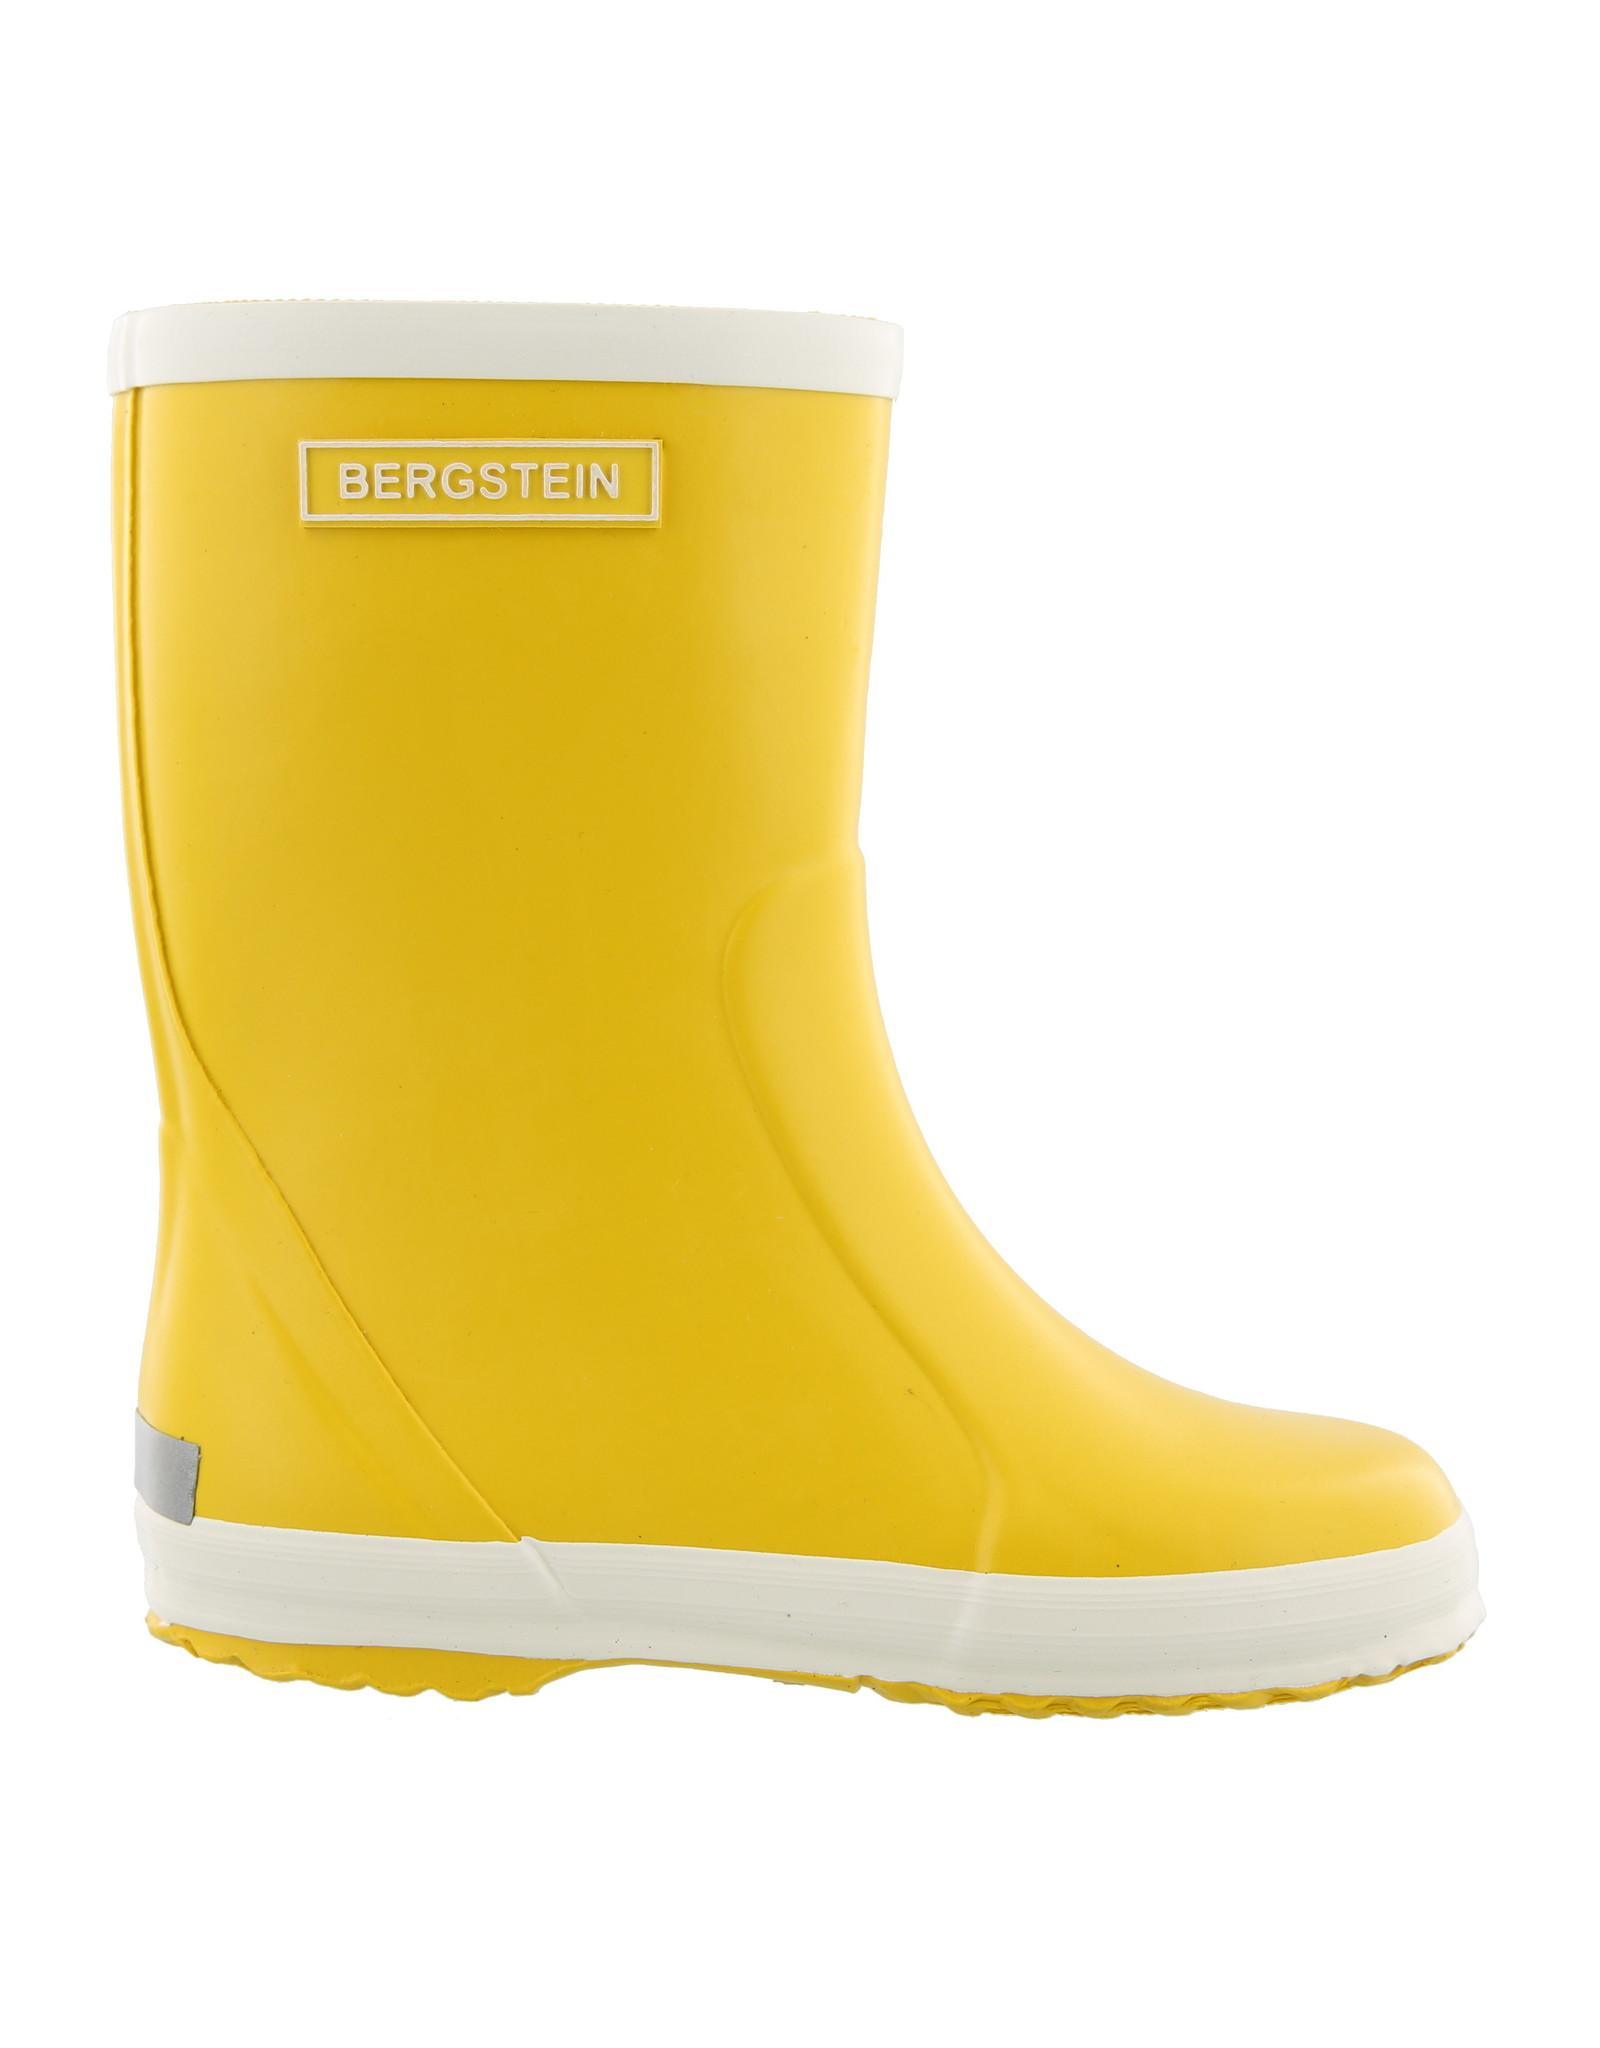 Bergstein Bergstein Regenlaars yellow